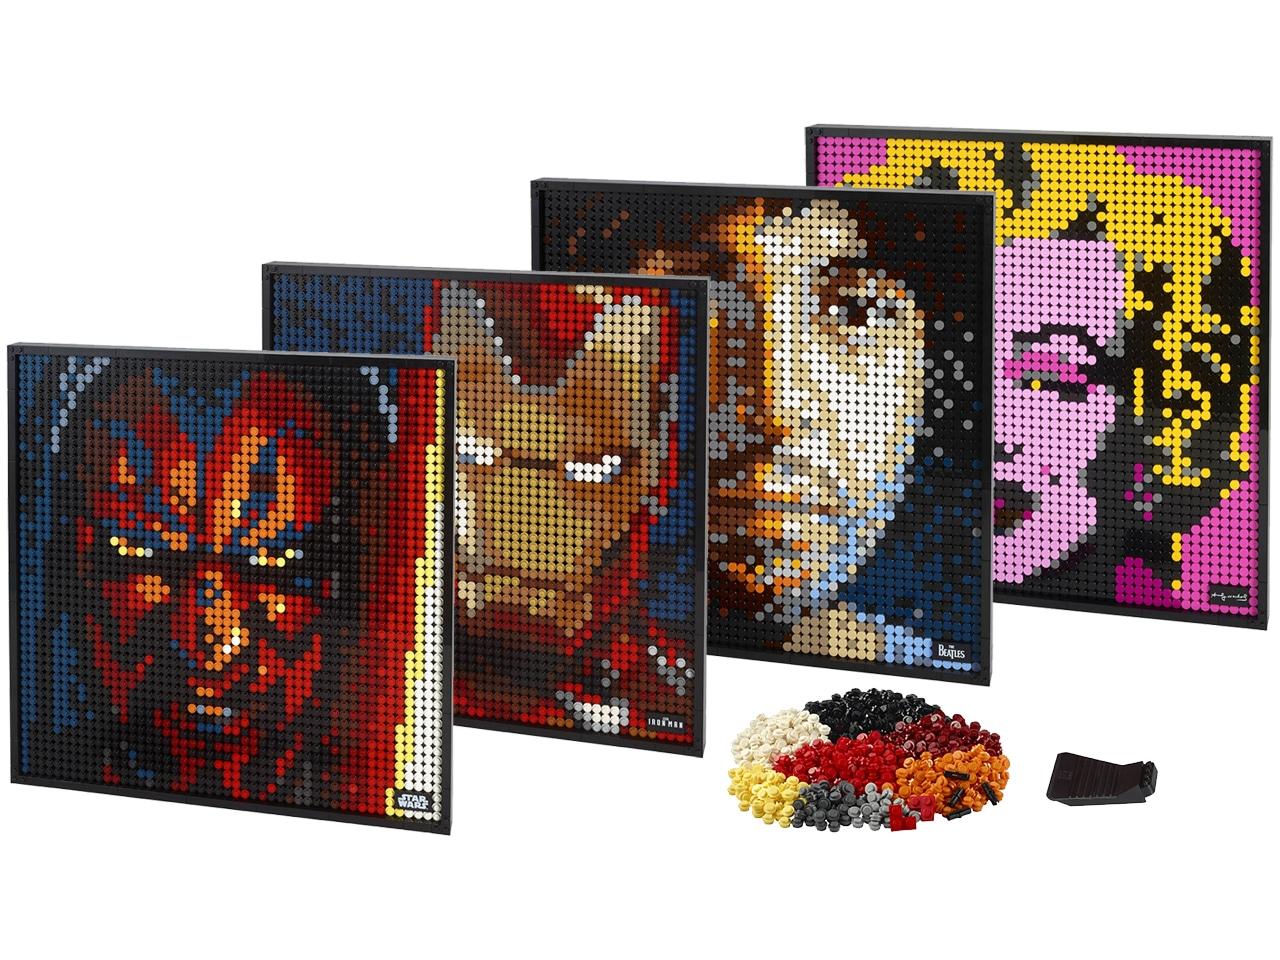 LEGO Art: Vier neue Mosaike vorgestellt